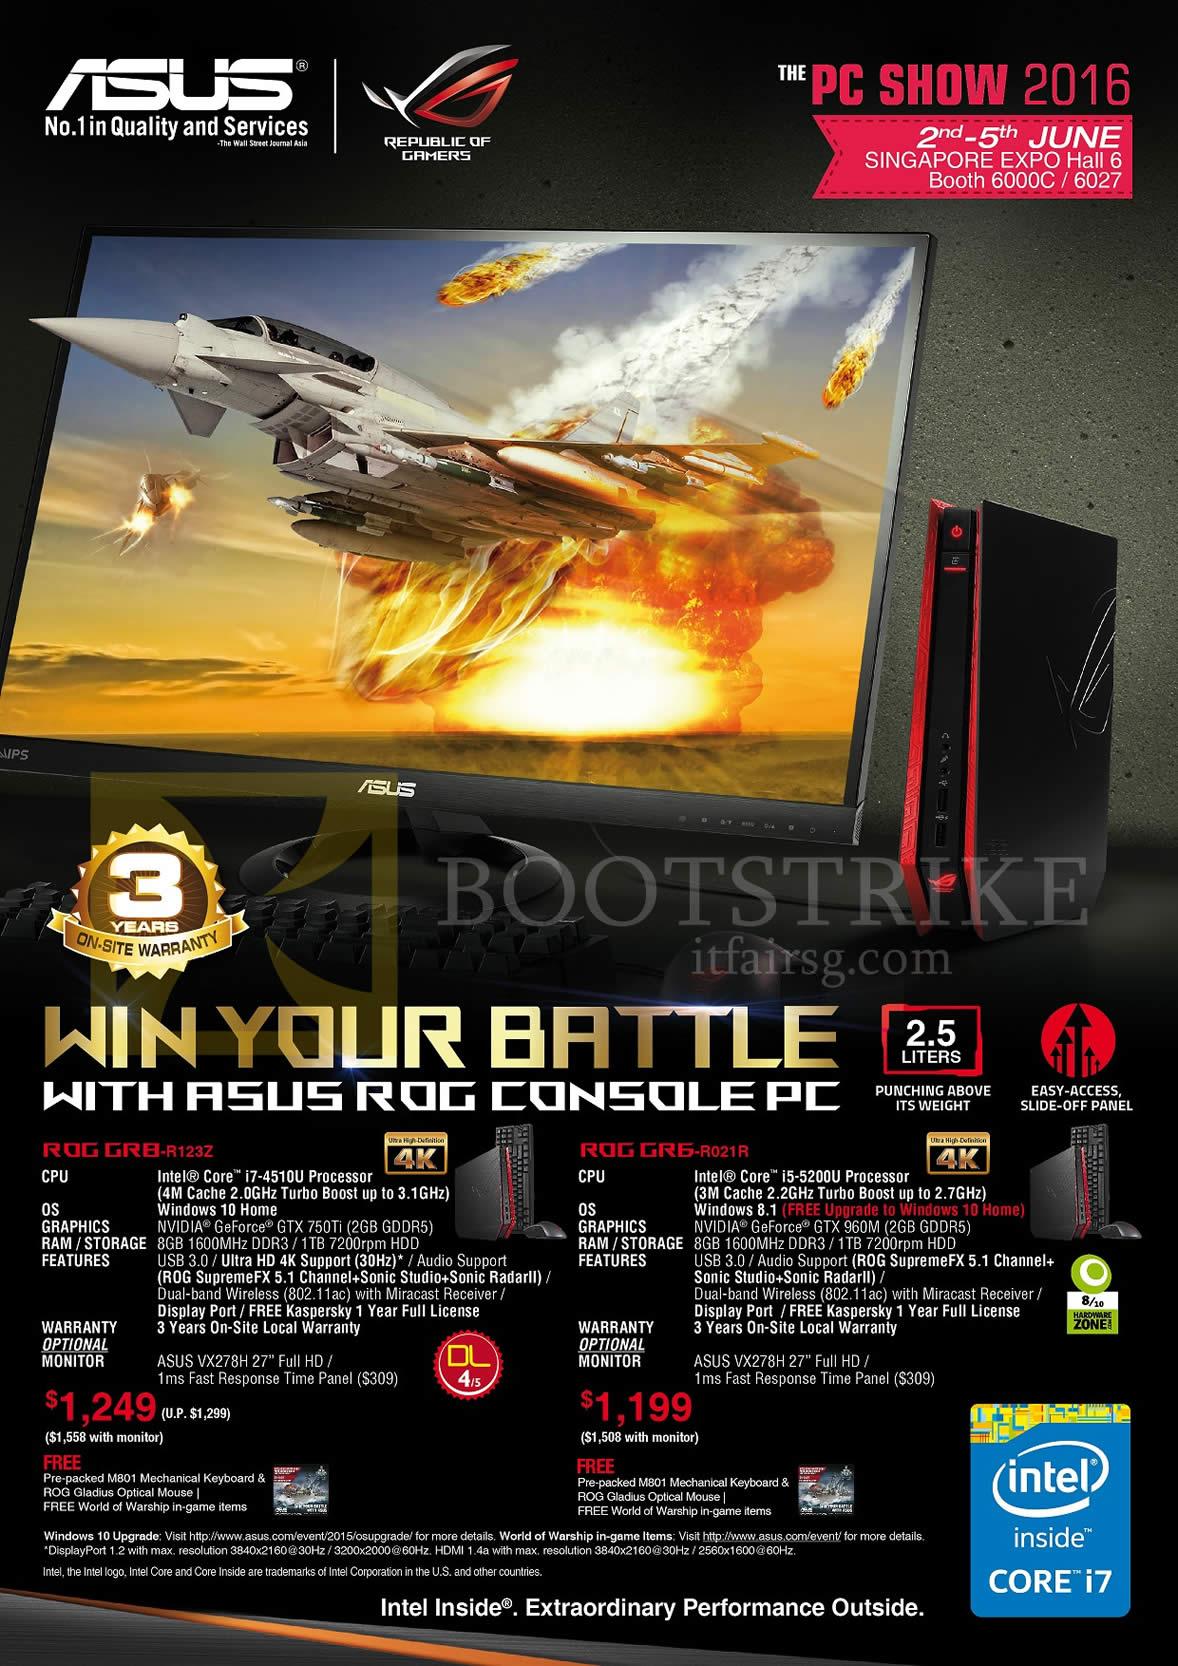 PC SHOW 2016 price list image brochure of ASUS Desktop PC Console ROG GR8-R123Z, GR6-R021R